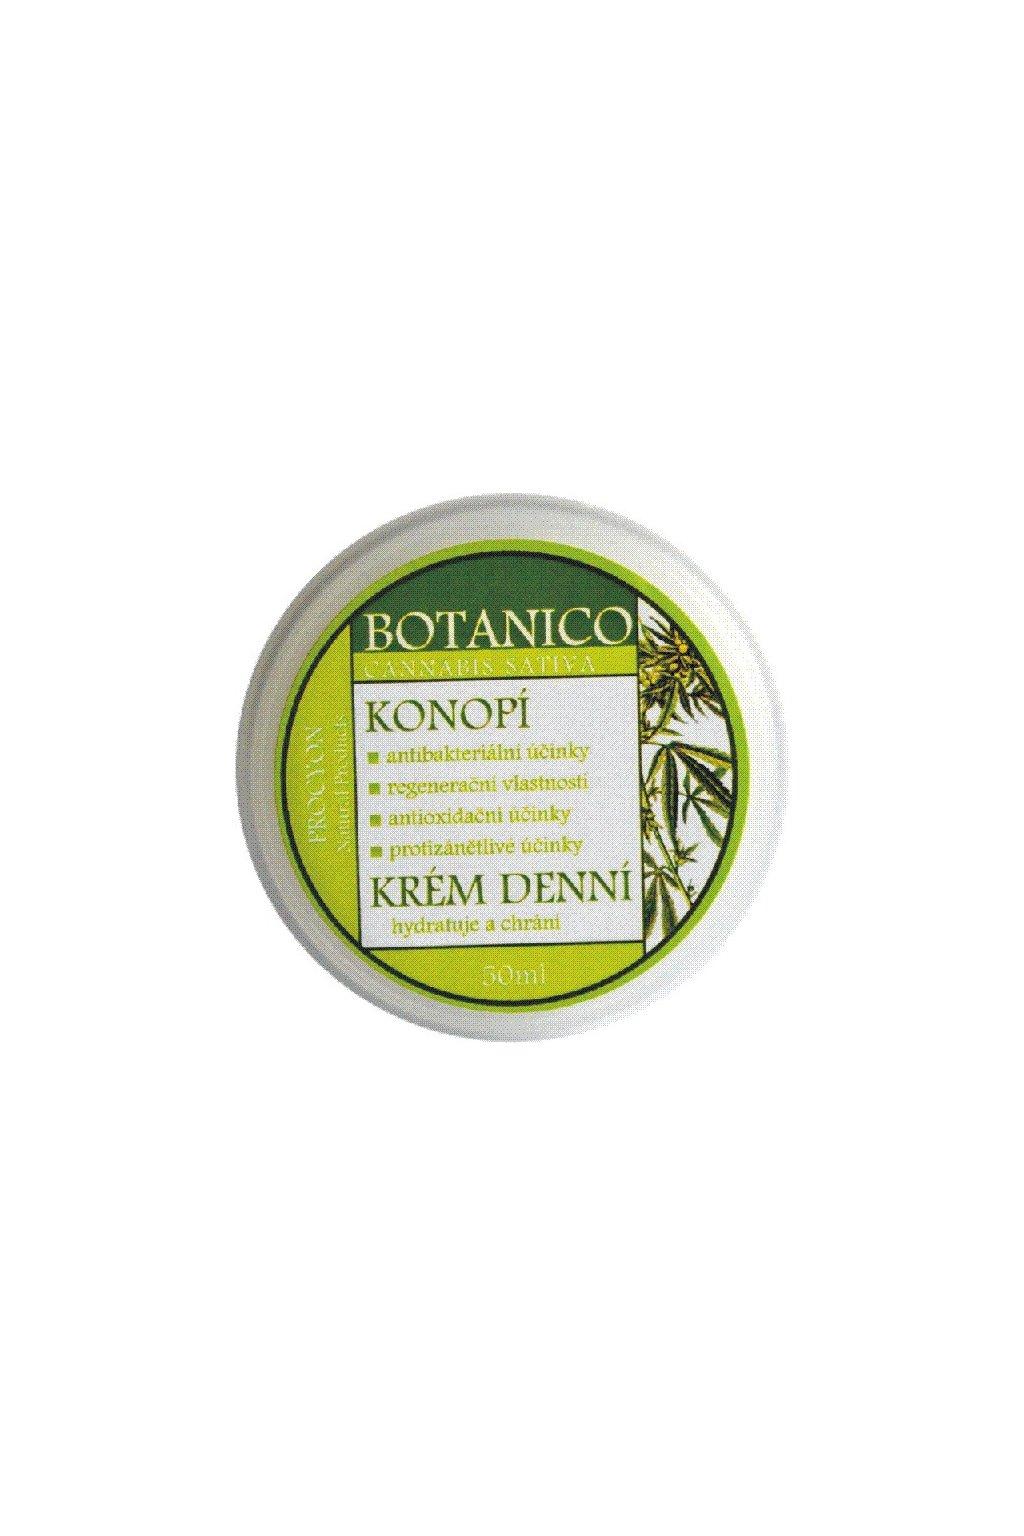 Botanico Krém denní výživný konopí 50 ml